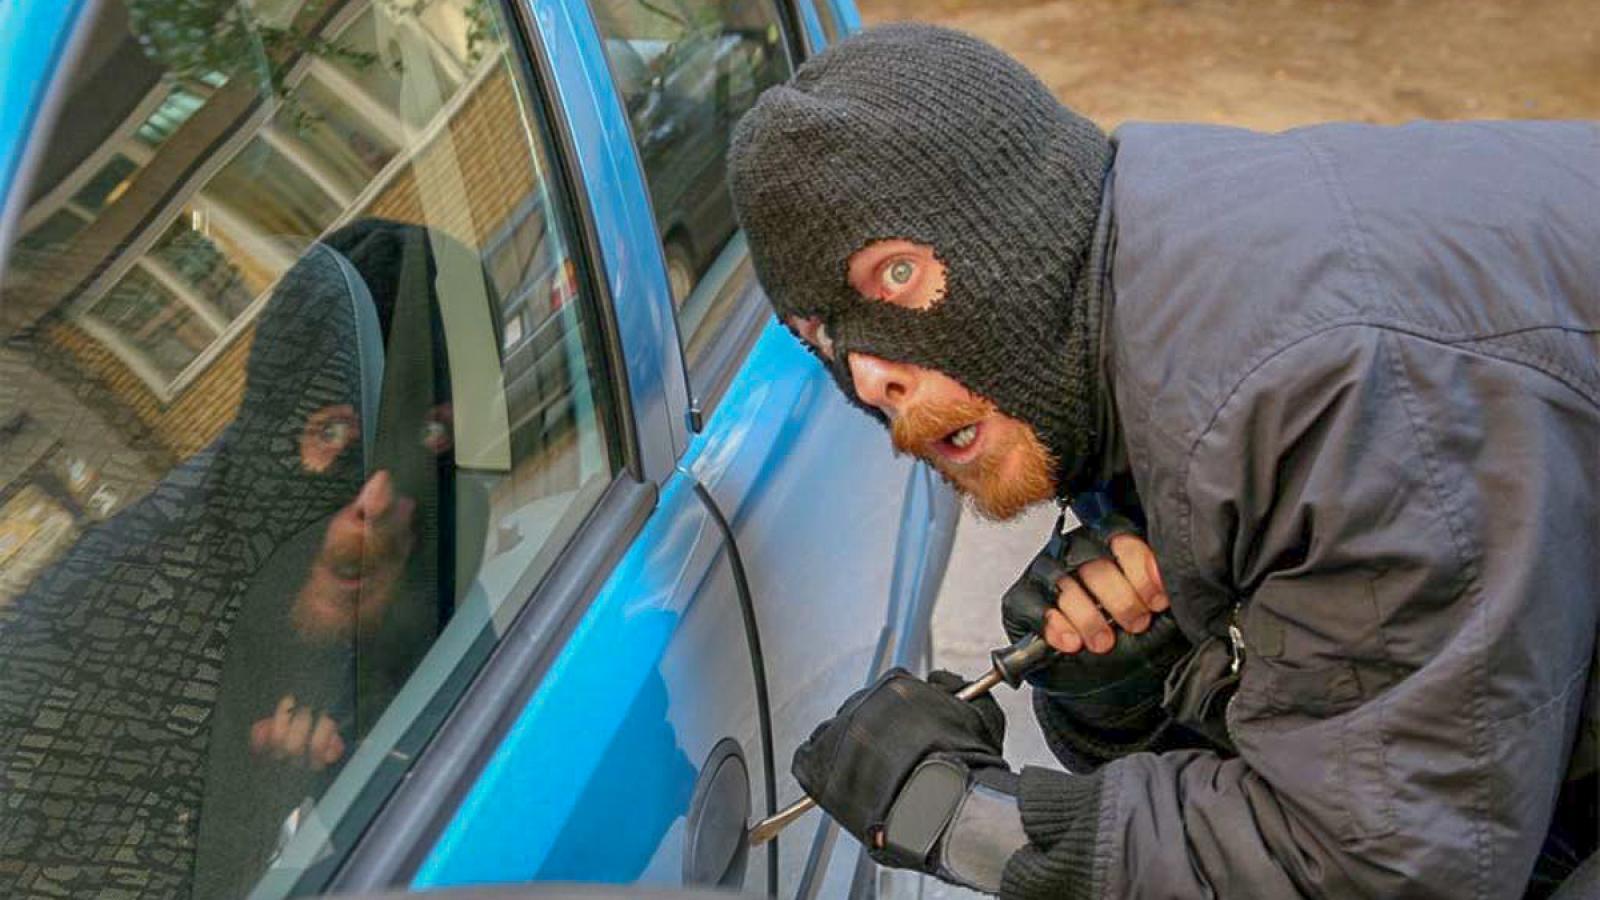 2 жителей Тарноги угнали авто и забыли в нем паспорт